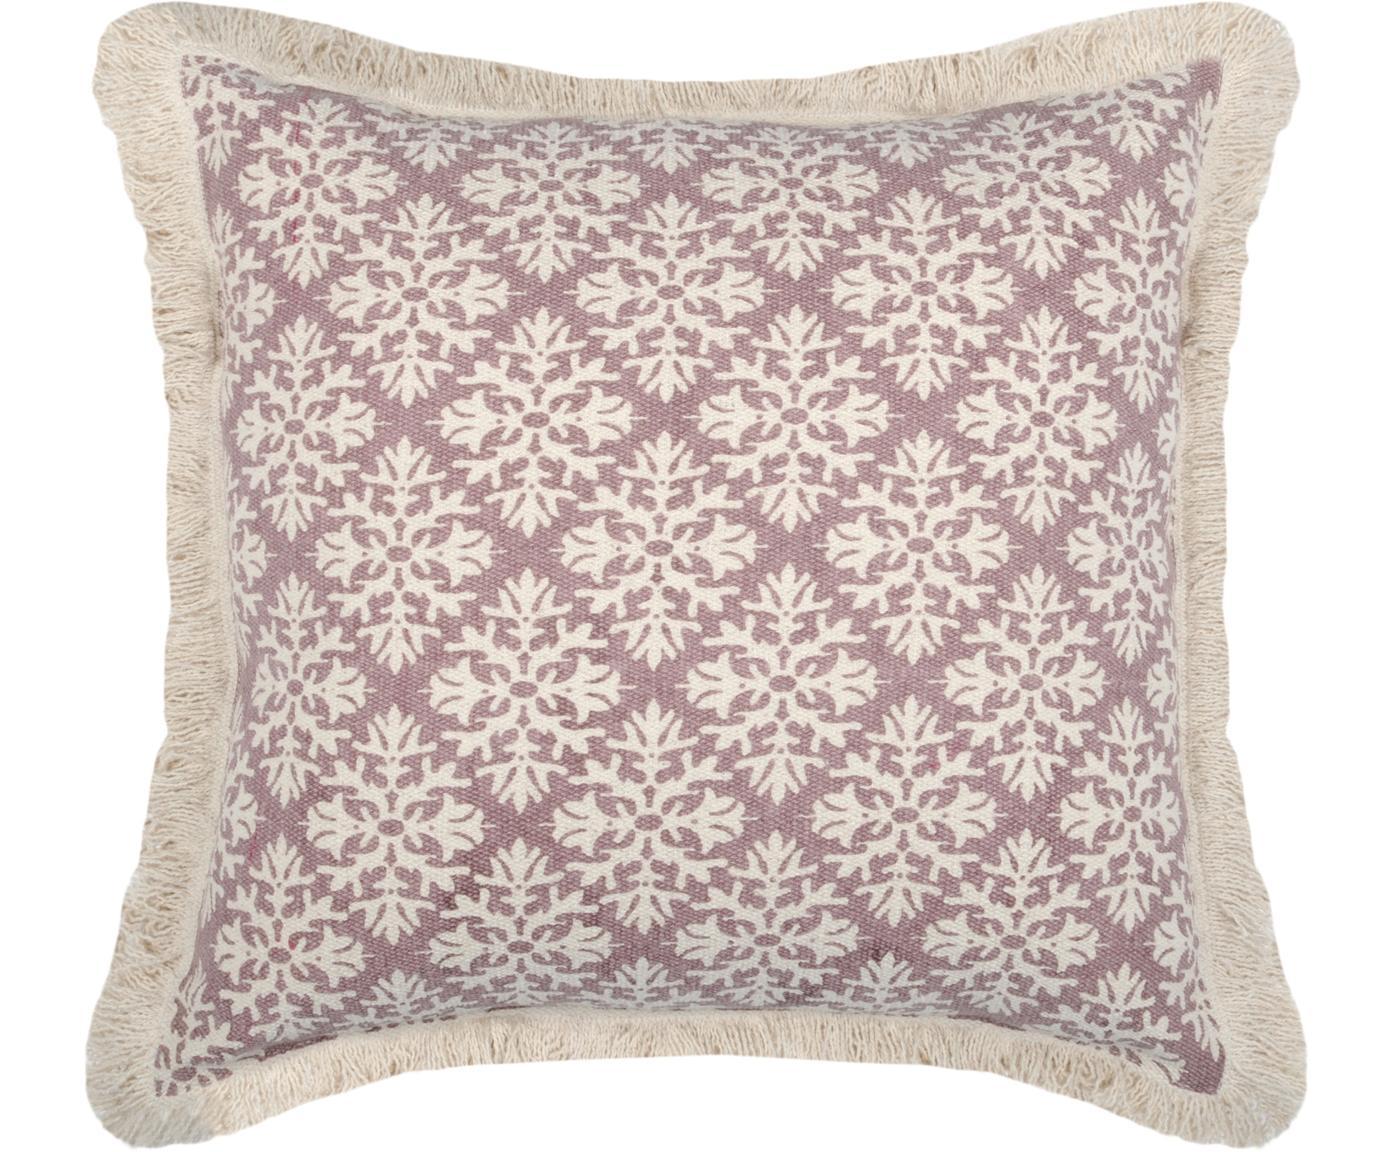 Gemustertes Kissen Blush, mit Inlett, 100% Baumwolle, Mauve, Gebrochenes Weiss, 40 x 40 cm